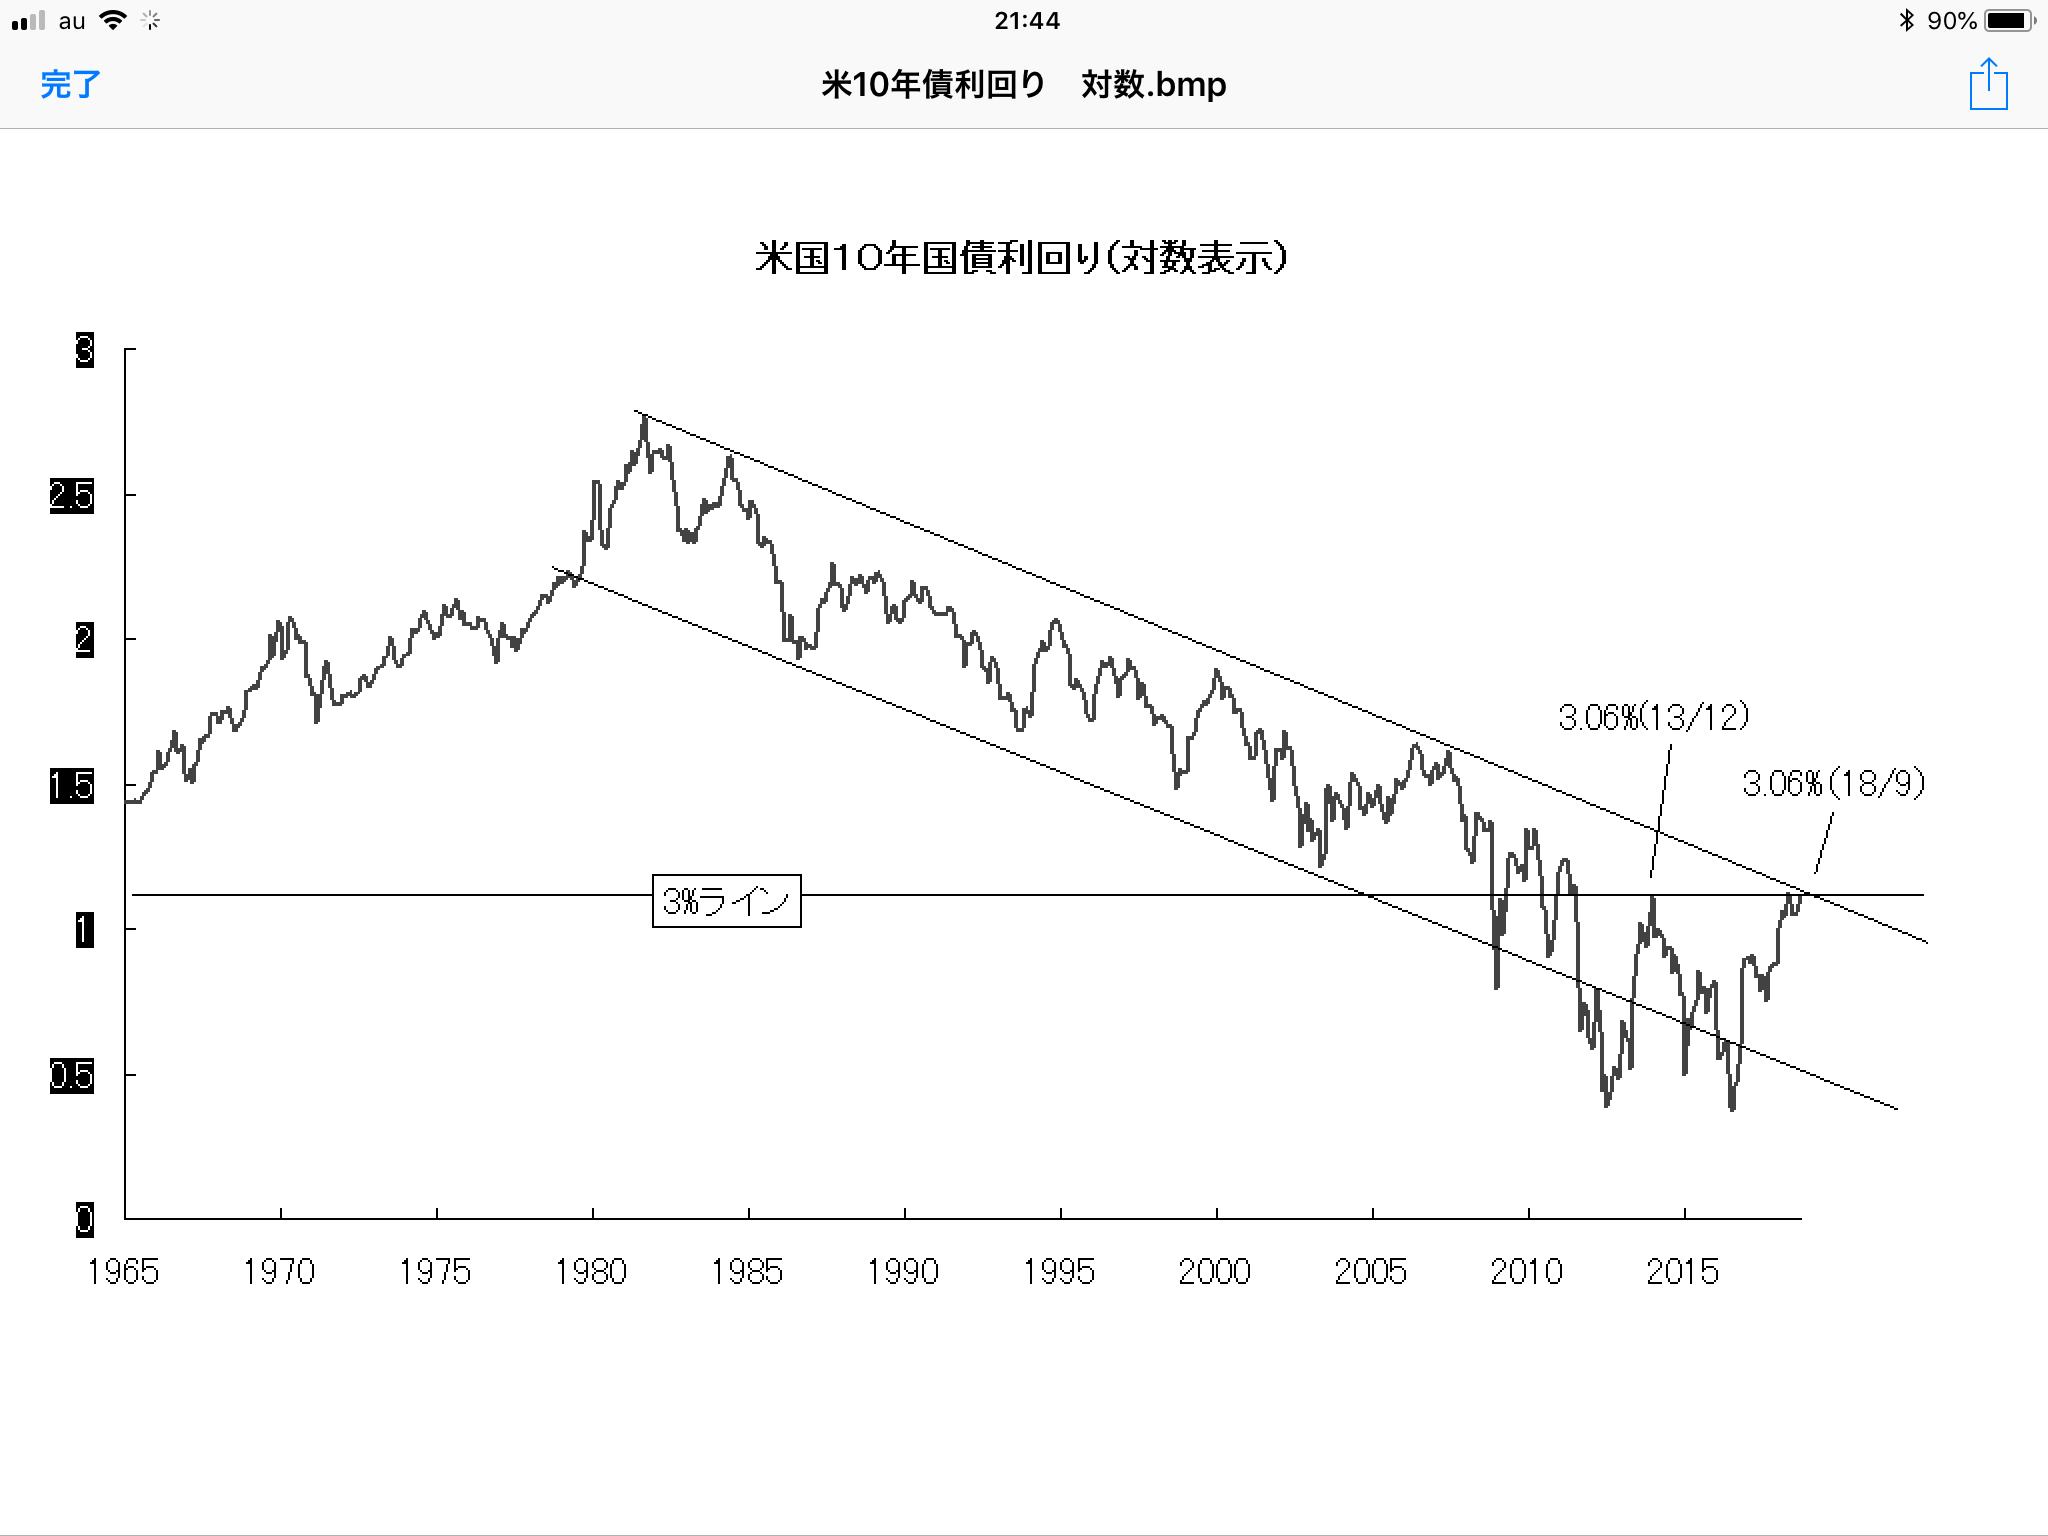 クリティカルポイントに達した米長期金利 - 相場研究家 市岡繁男のほぼ一日一図